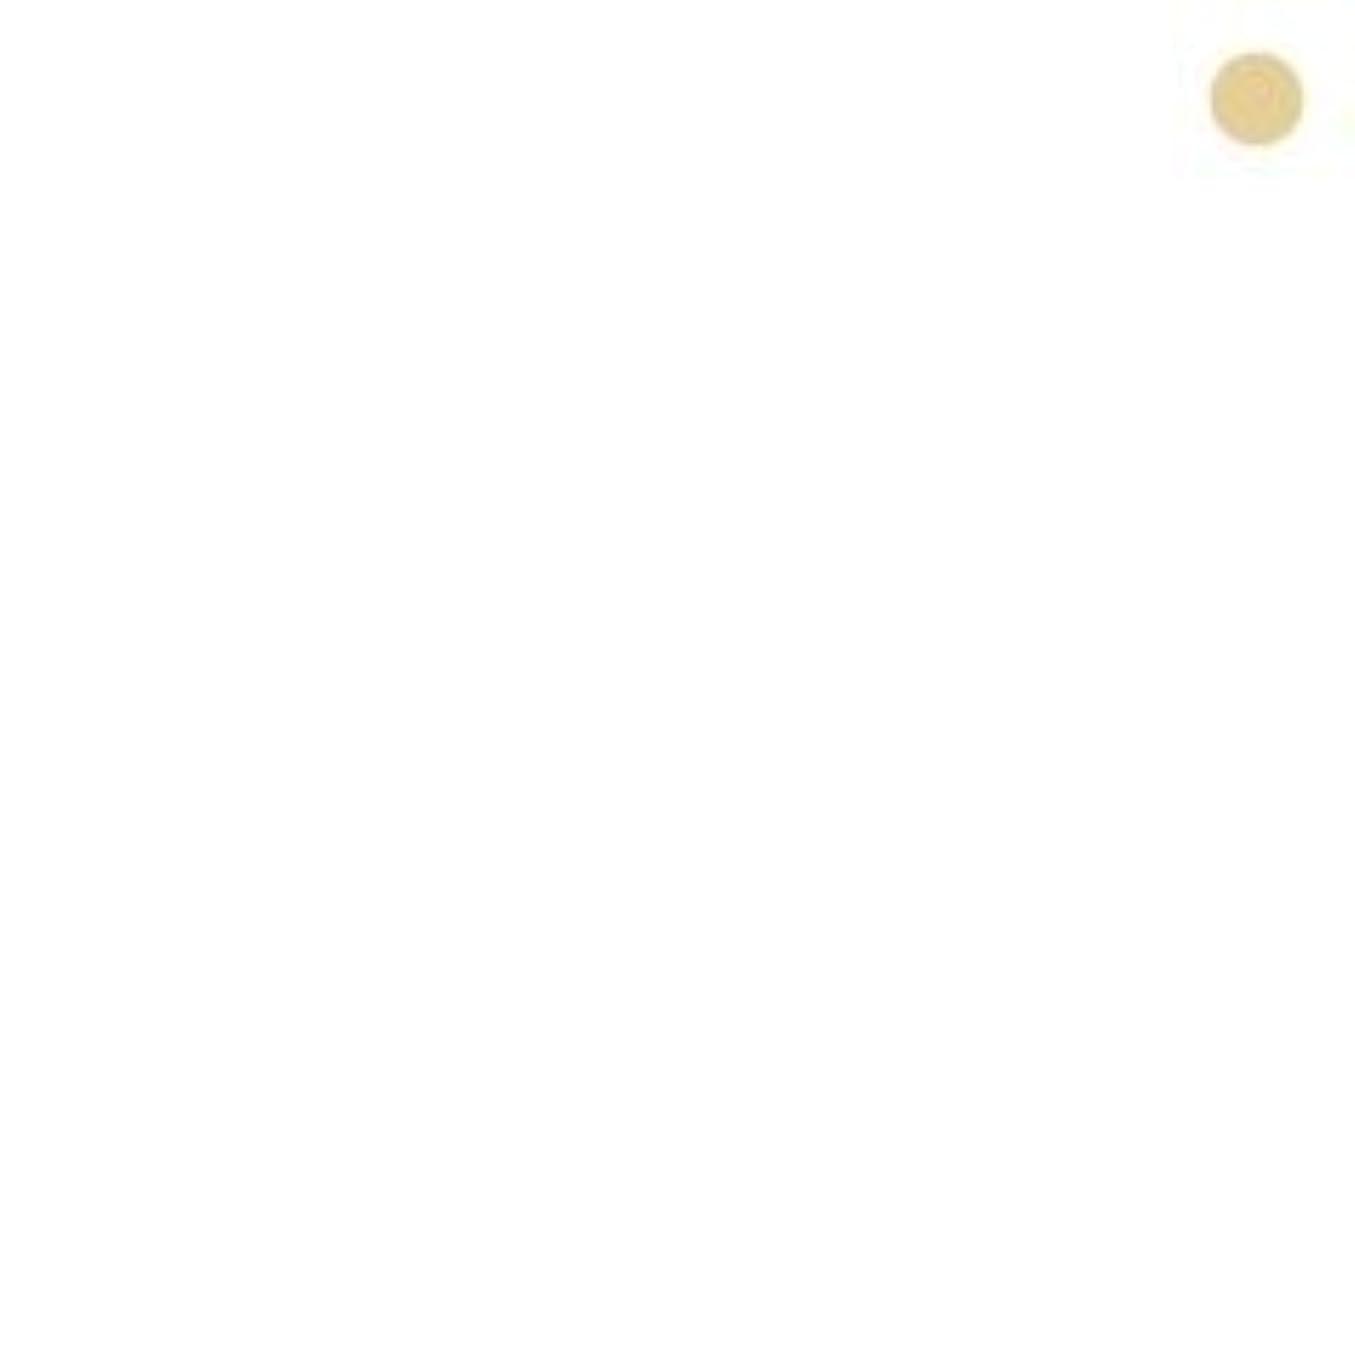 再開ジョットディボンドンソロ【カバーマーク】ジャスミーカラー パウダリーファンデーション #BP20 (レフィル)